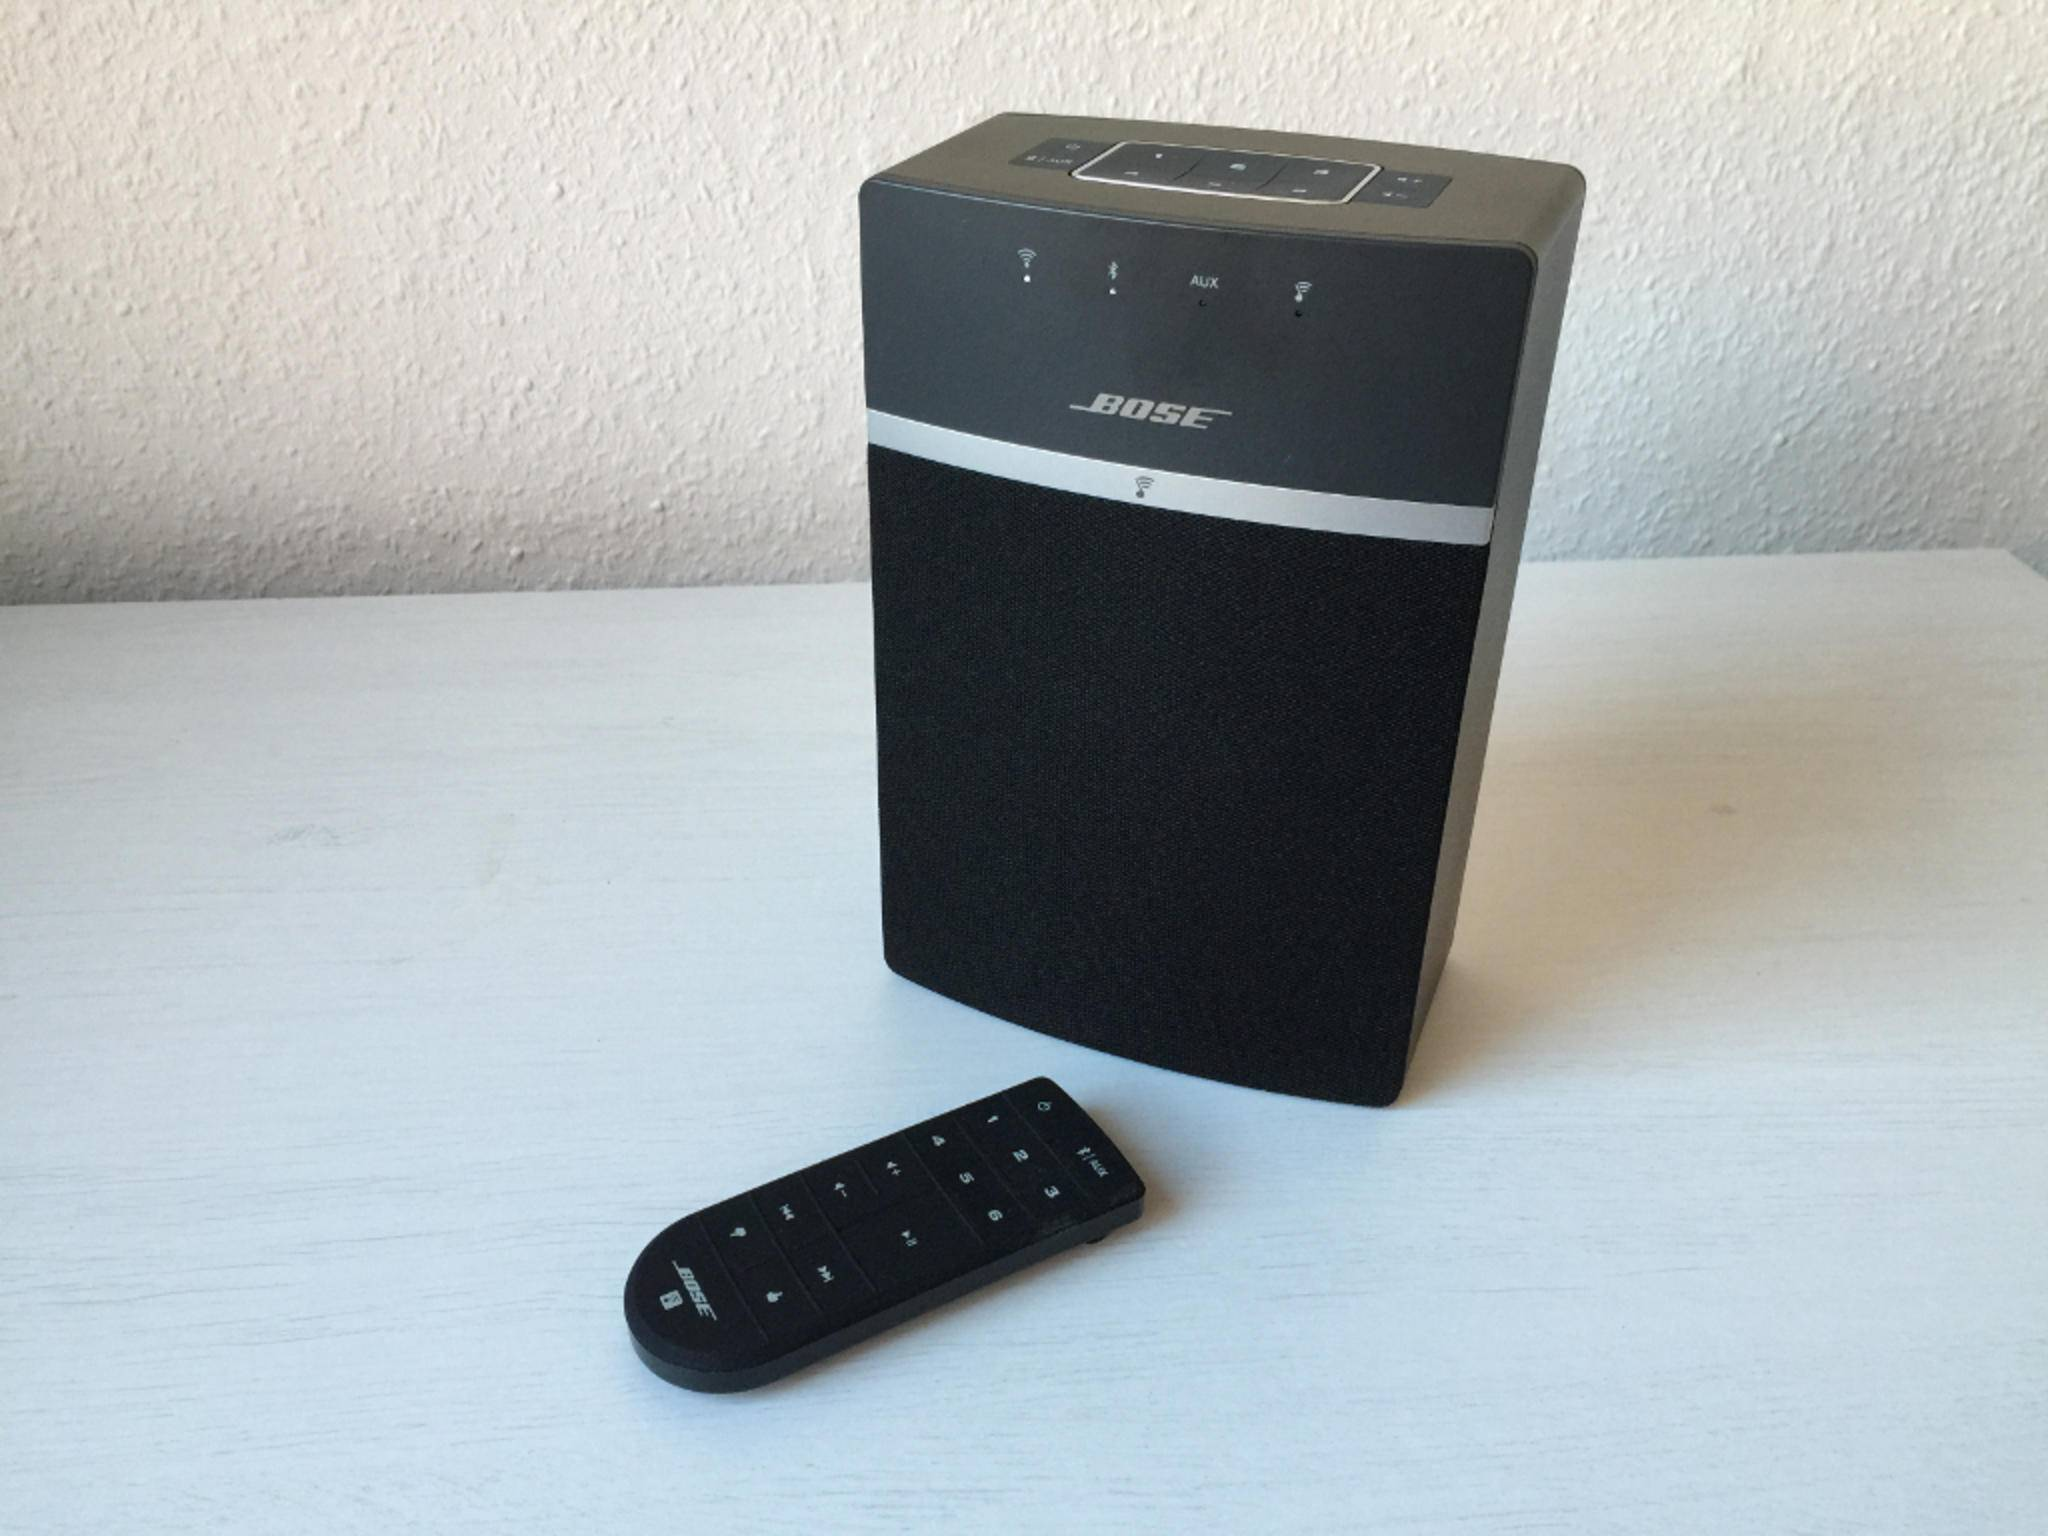 Die Verbindung mit dem WLAN klappt beim Bose SoundTouch 10 sehr leicht.